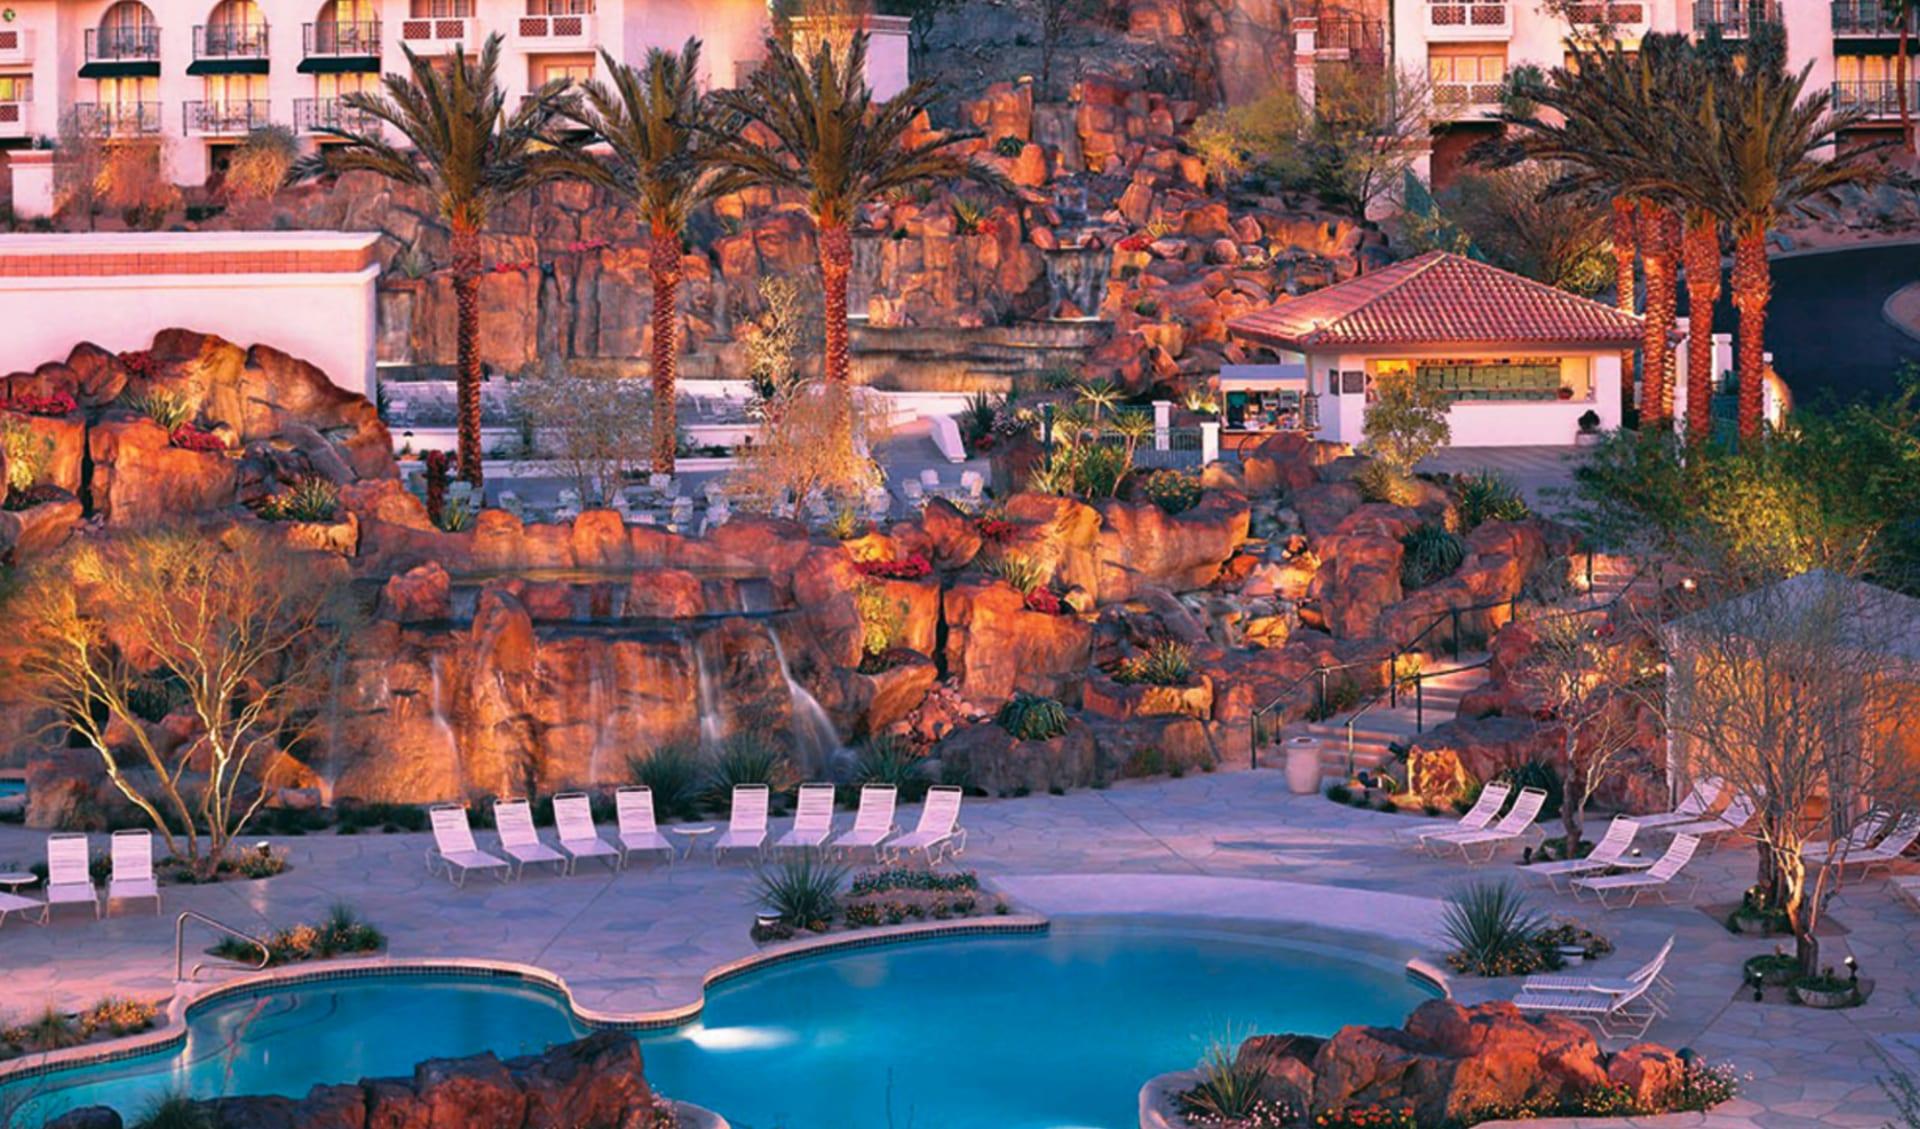 Pointe Hilton Tapatio Cliffs Resort in Phoenix: pool pointe hilton at tapatio cliffs phoenix gartenanlage